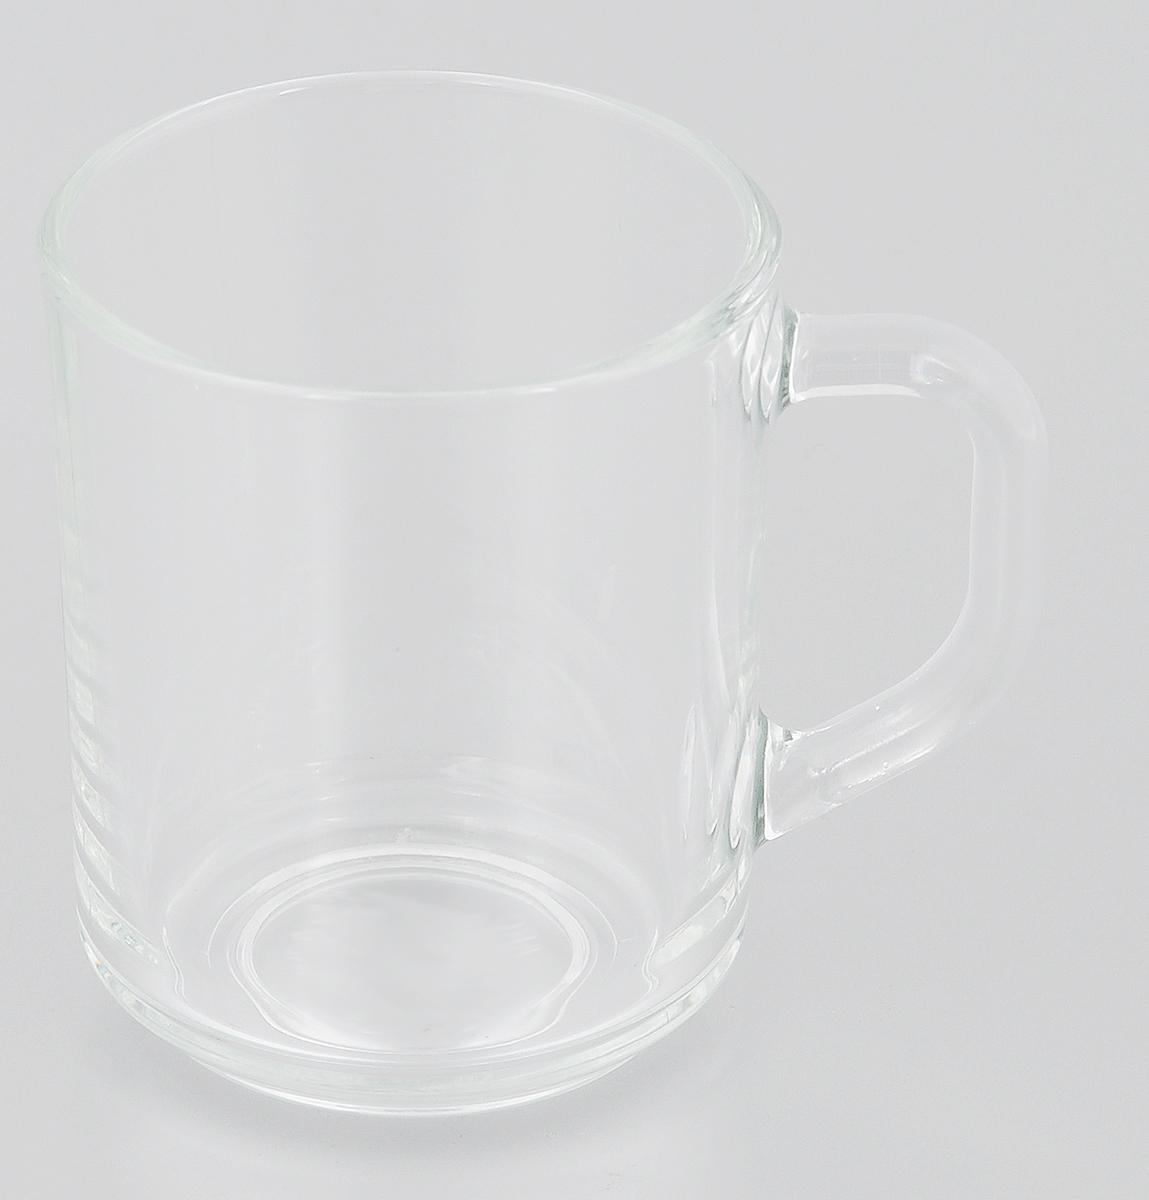 """Кружка """"Luminarc"""" изготовлена из упрочненного стекла. Такая кружка прекрасно  подойдет для горячих и холодных напитков. Она дополнит коллекцию вашей  кухонной посуды и будет служить долгие годы.   Диаметр кружки (по верхнему краю): 7,4 см.  Высота кружки: 9,5 см."""